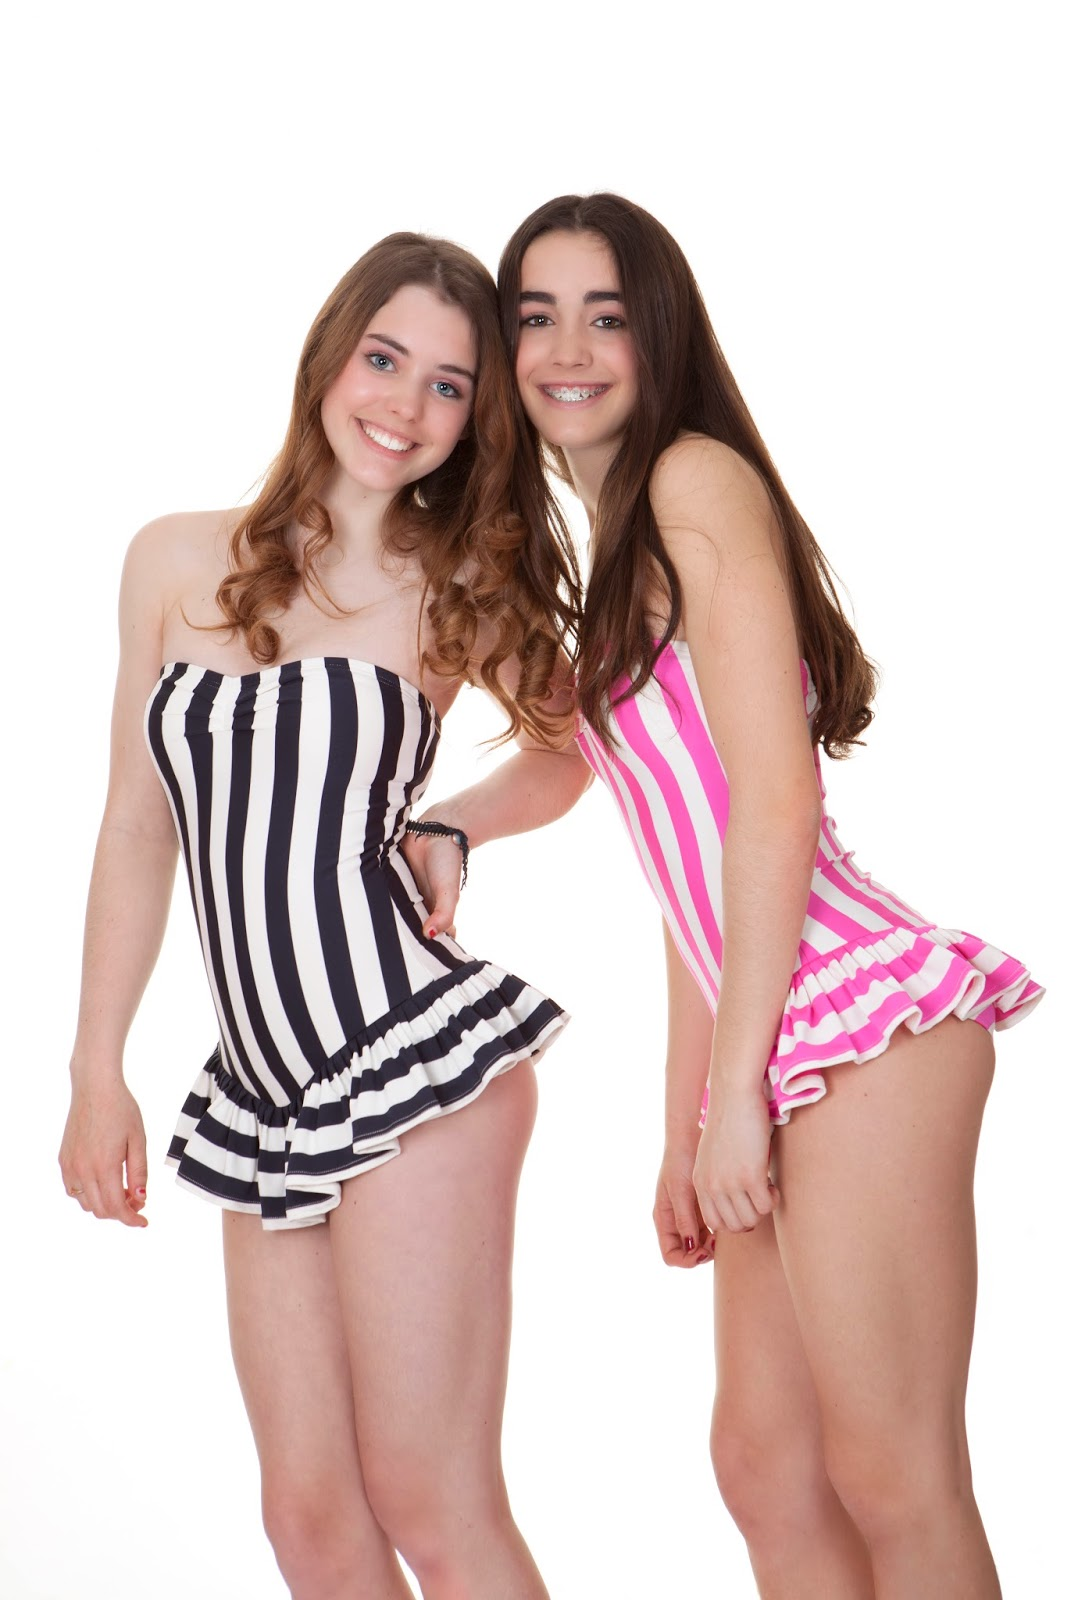 Moda infantil colecci n moda ba o 2014 para mujer y ni a - Moda bano ...